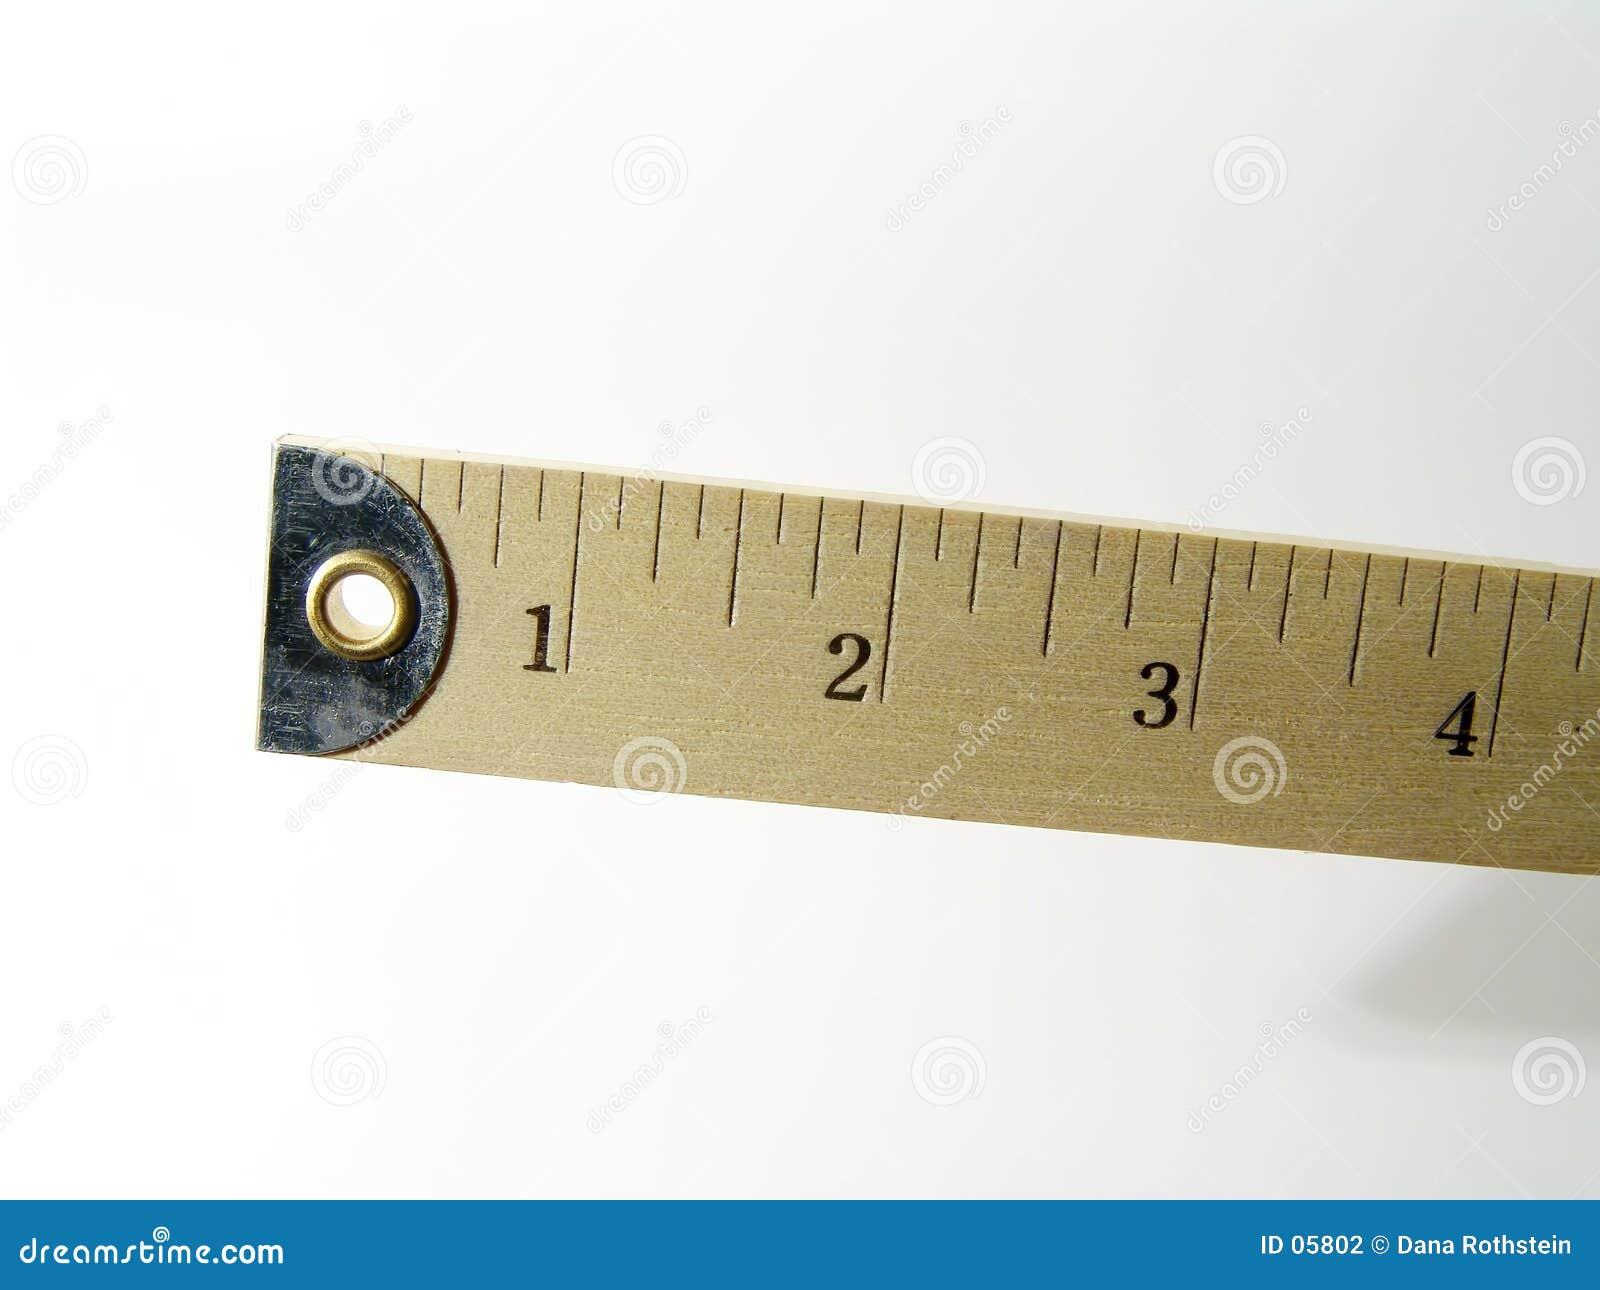 Stick Ruler